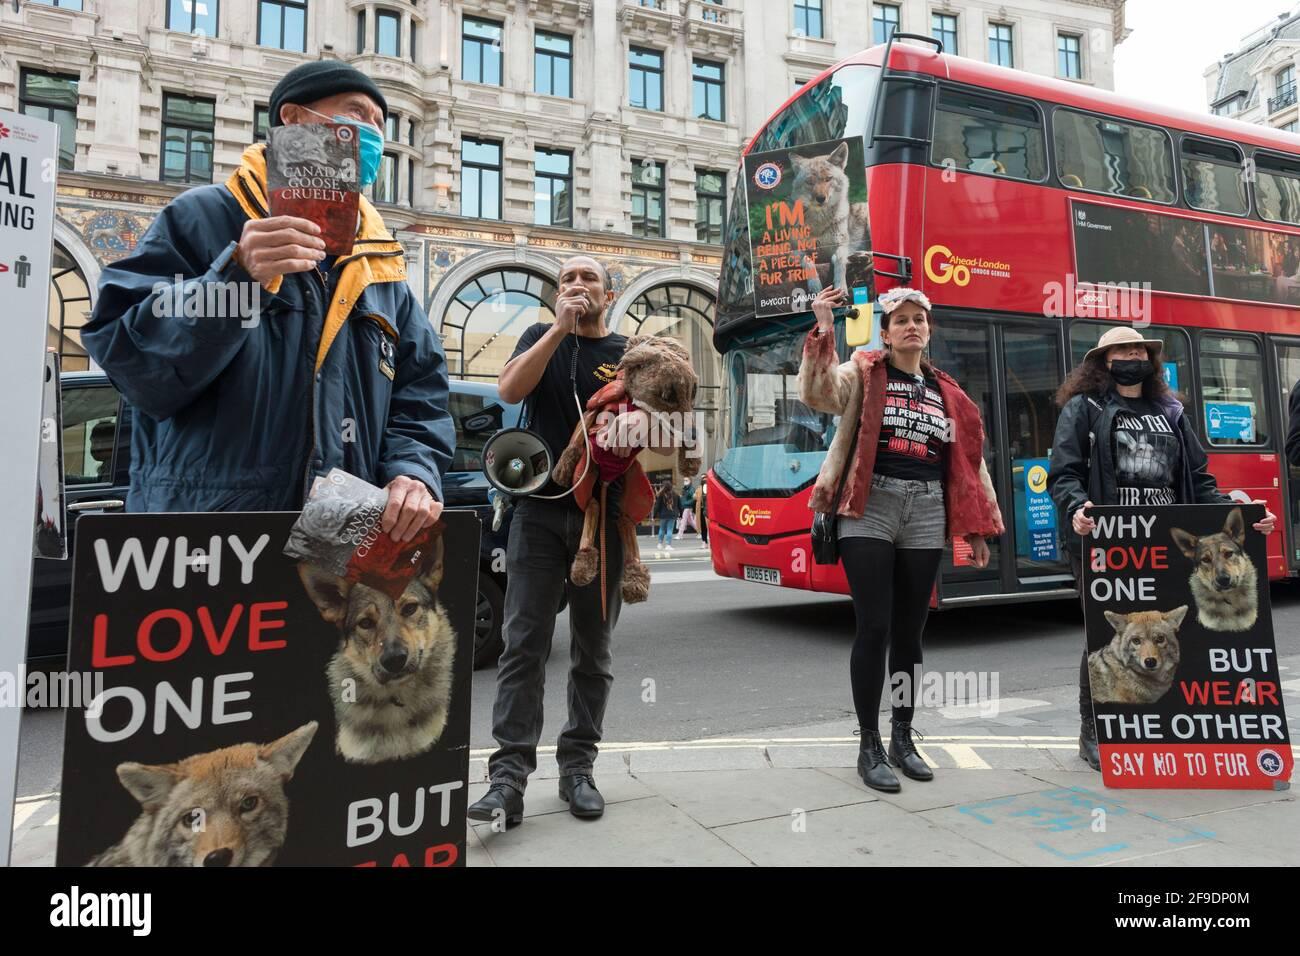 Un activista habla a través de un megáfono mientras sus colegas vieron llevar pancartas expresando su opinión durante la manifestación.Los activistas de la crueldad animal Peta UK (Gente por el Tratamiento Ético de los Animales) protestan contra el trato inhumano de los coyotes por el ganso canadiense, Fuera de Canadá tienda de gansos en Piccadilly Circus mostrando infografías detallando la crueldad animal que ocurre en la industria de la moda. (Foto de Belinda Jiao / SOPA Images/Sipa USA) Foto de stock